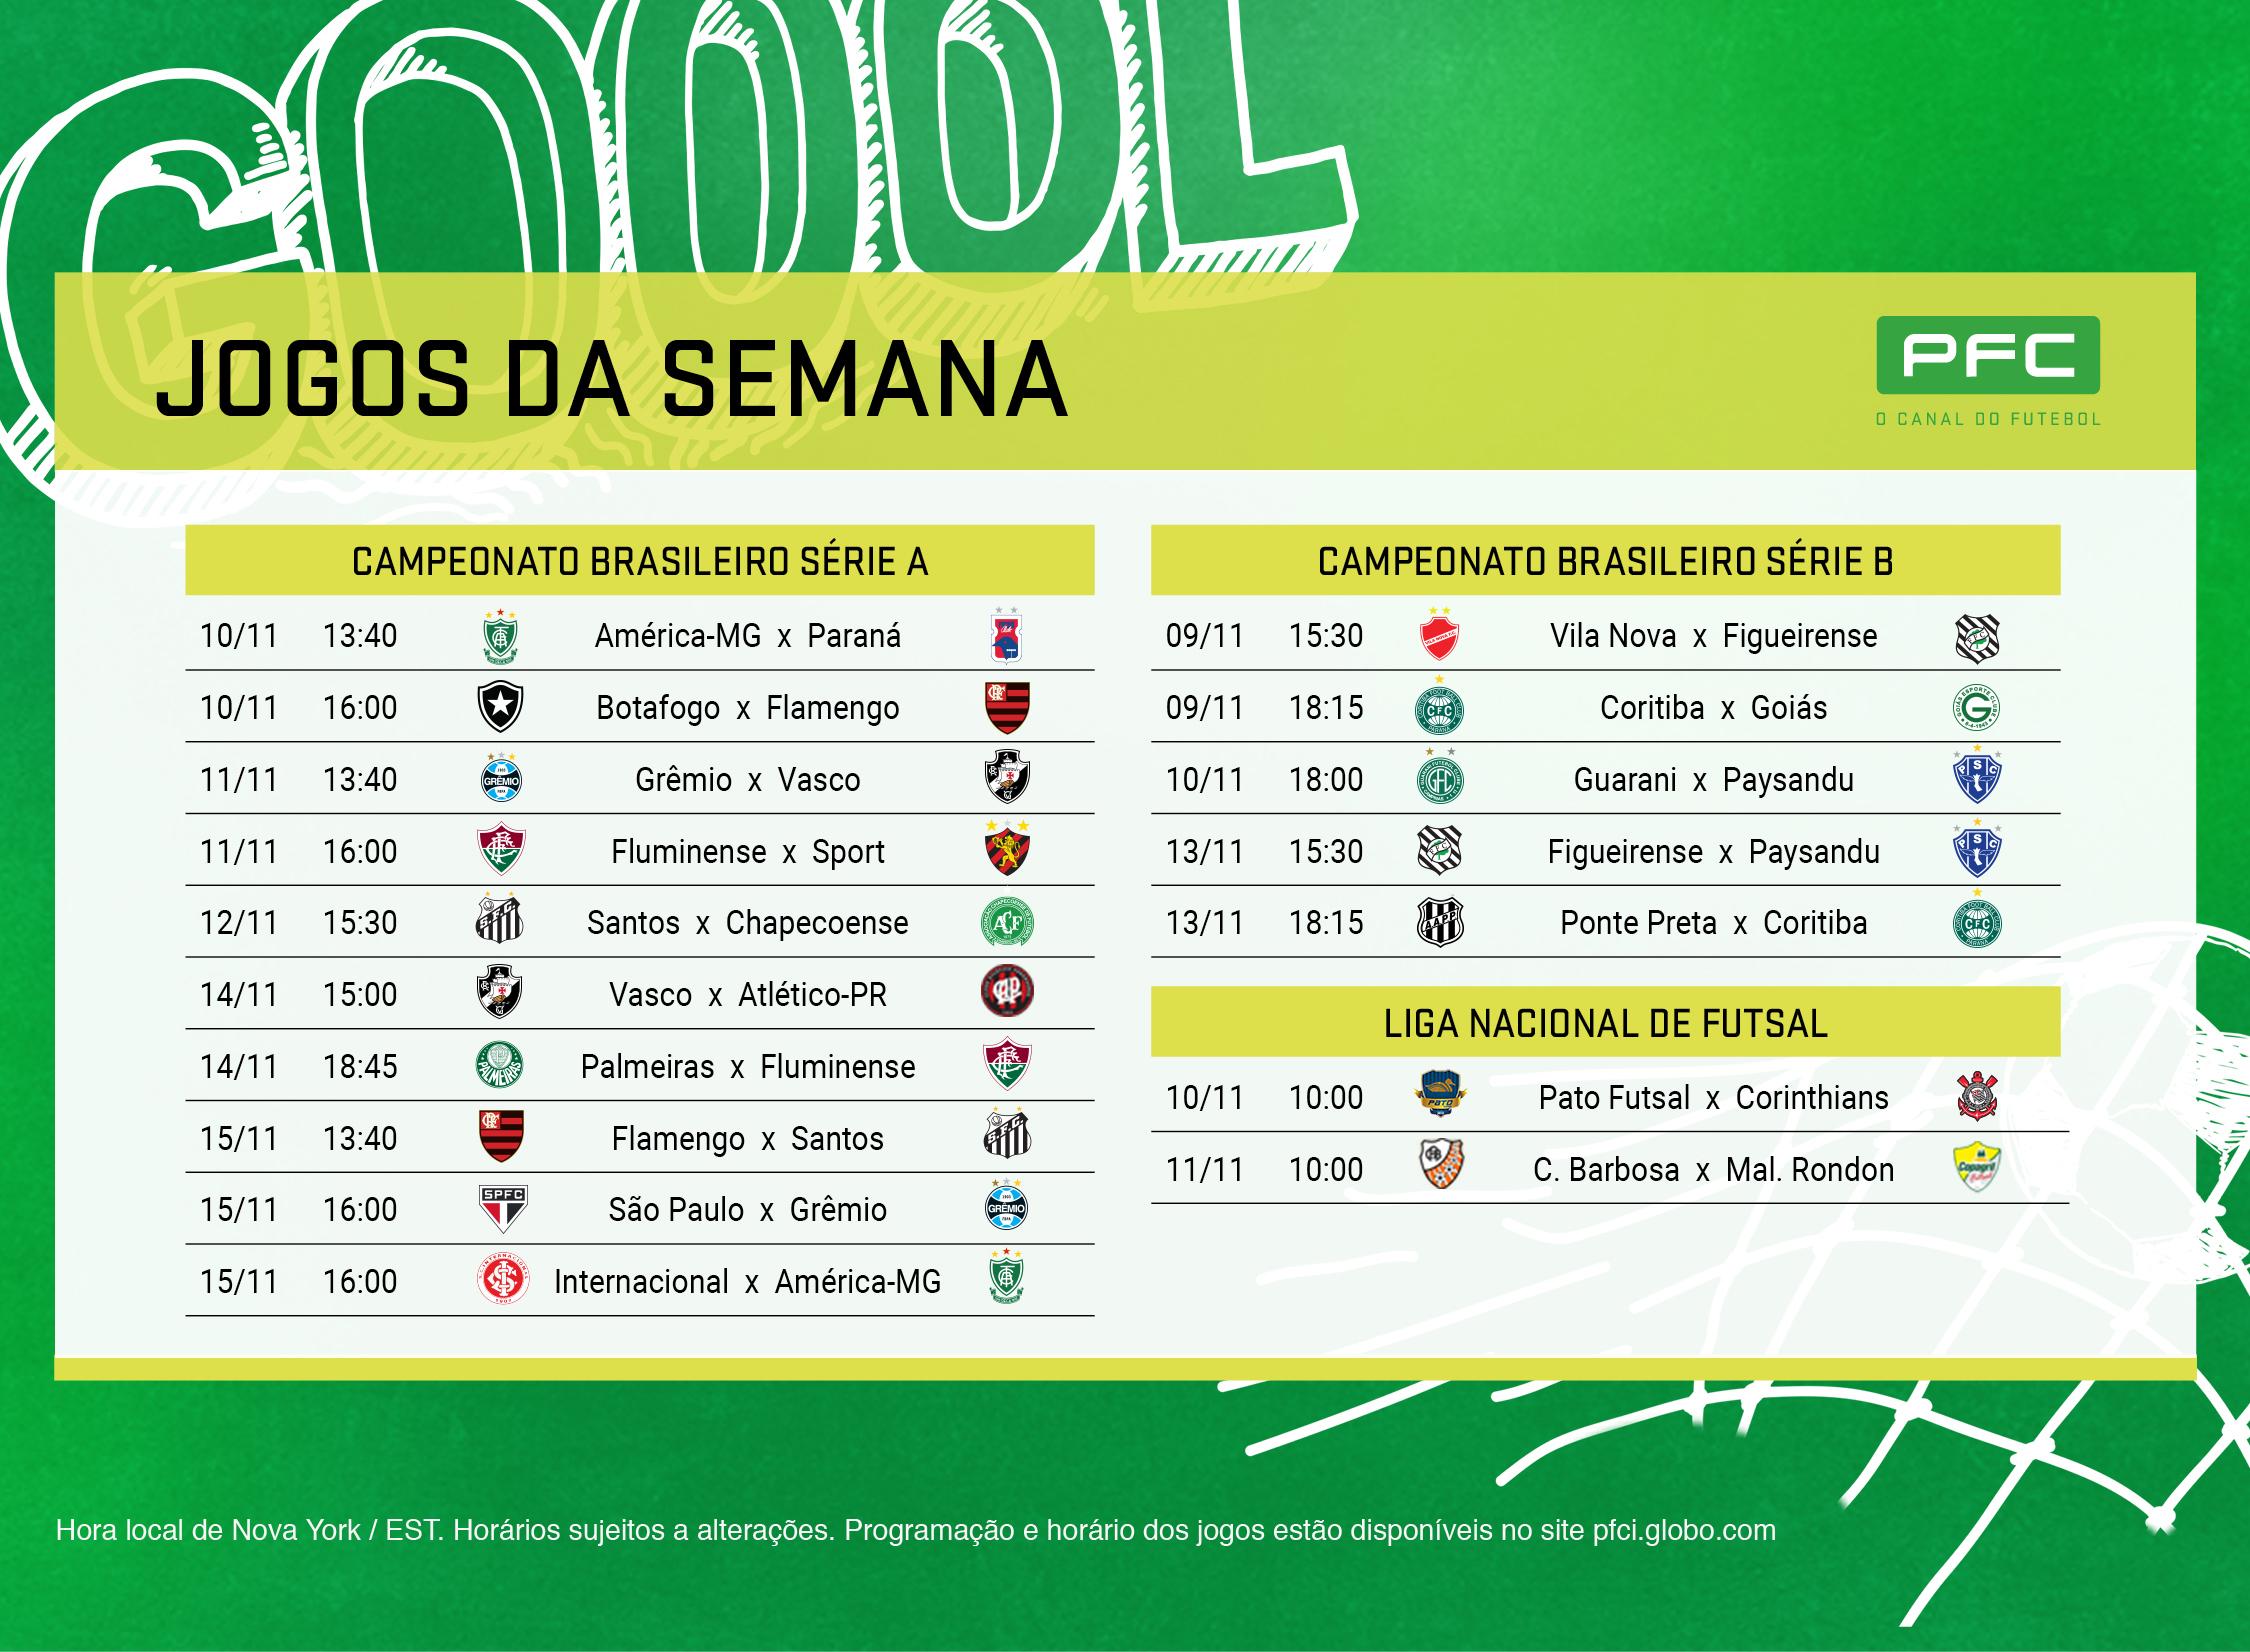 Tabela completa dos jogos que serão transmitidos AO VIVO pelo PFC de 9 a 15 de novembro